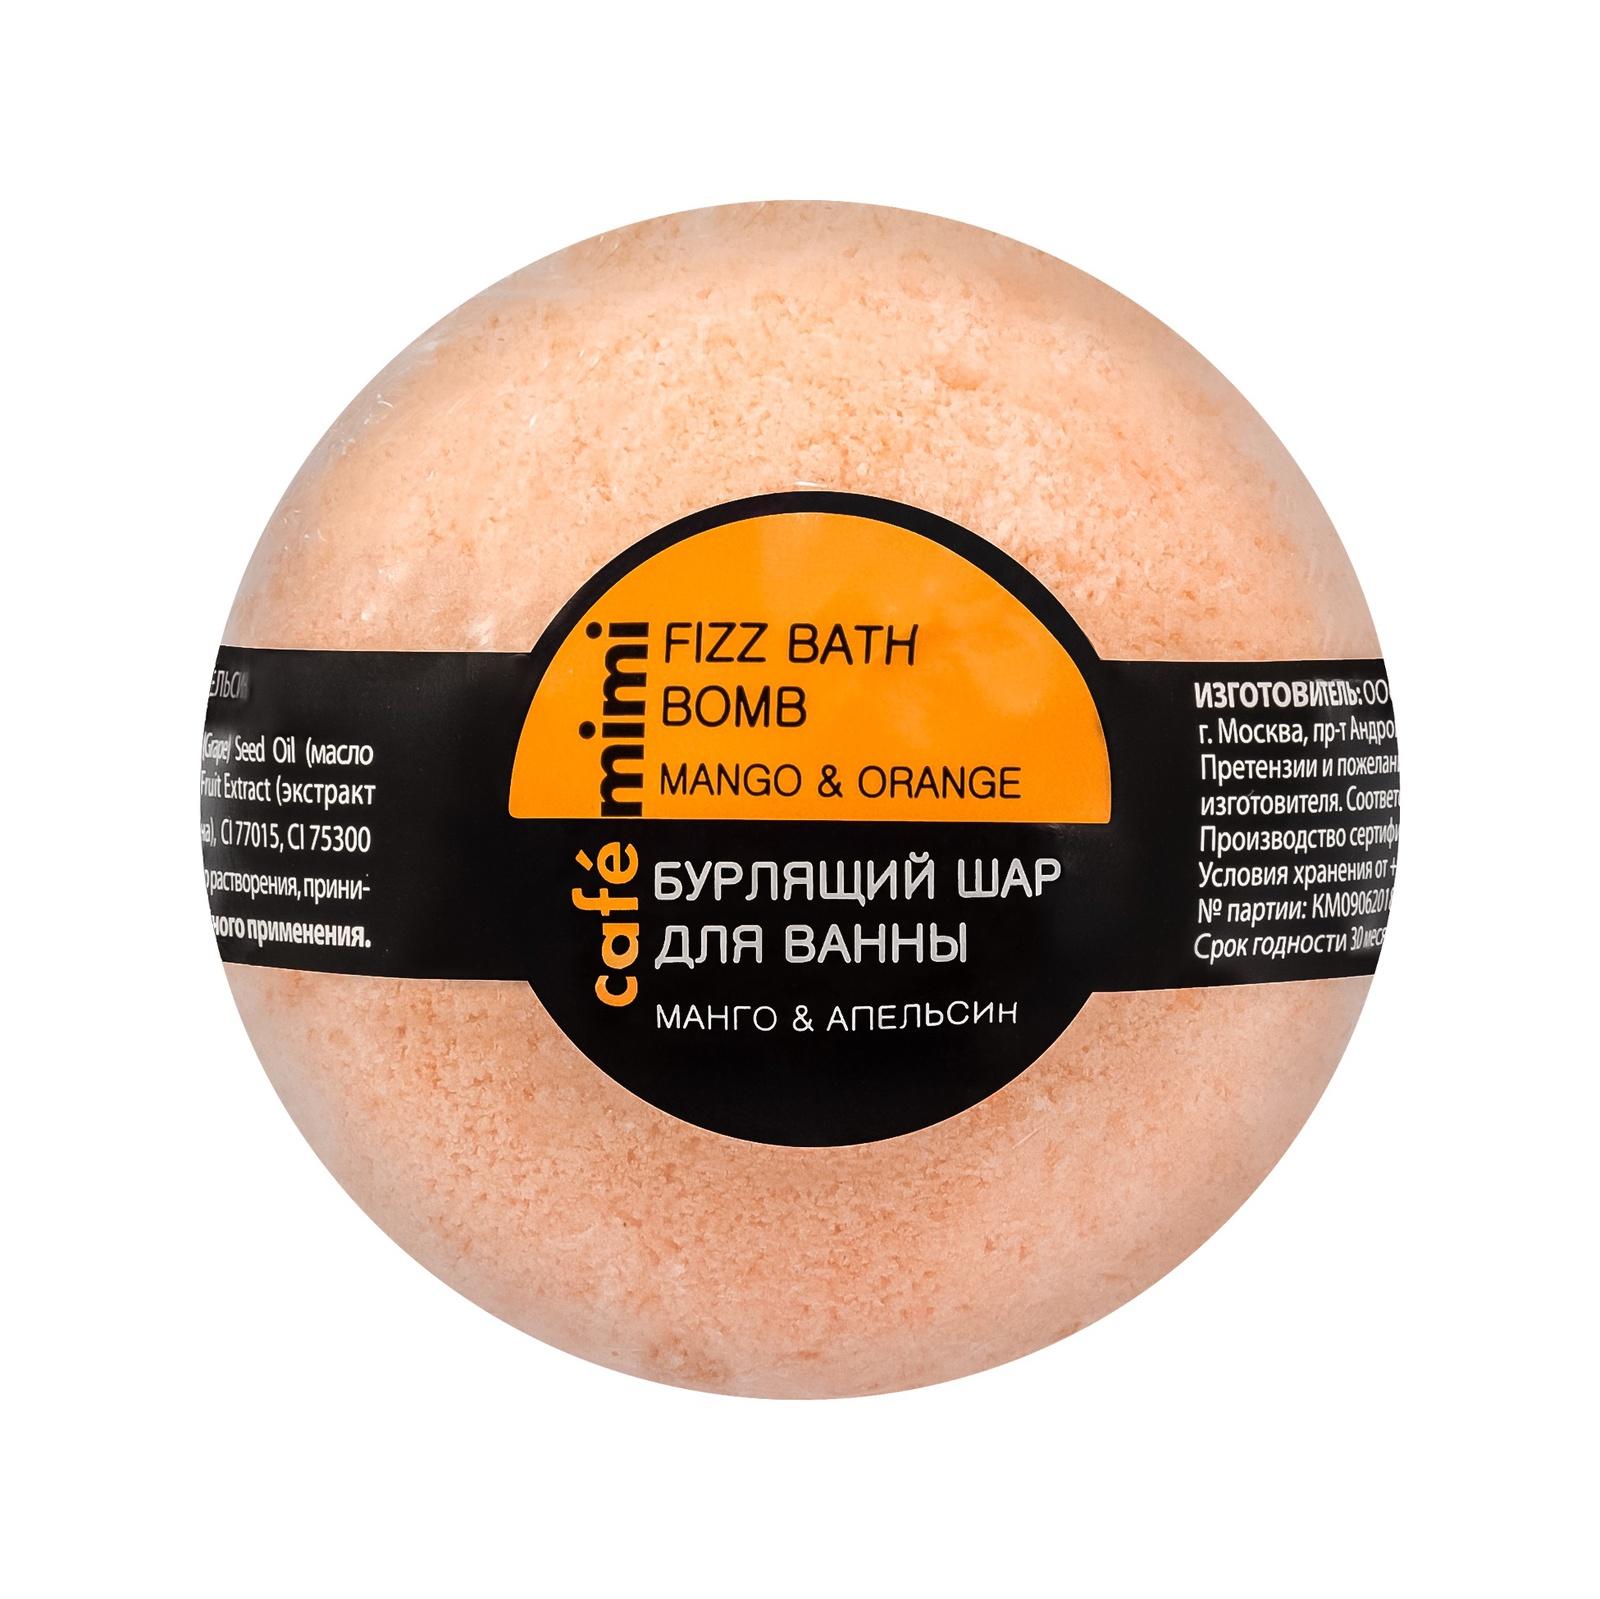 Соль для ванны Cafe mimi Бурлящий шар, 120714Сочный и освежающий аромат наполнит ванну, нежные масла и экстракты окажут активное увлажняющее действие.